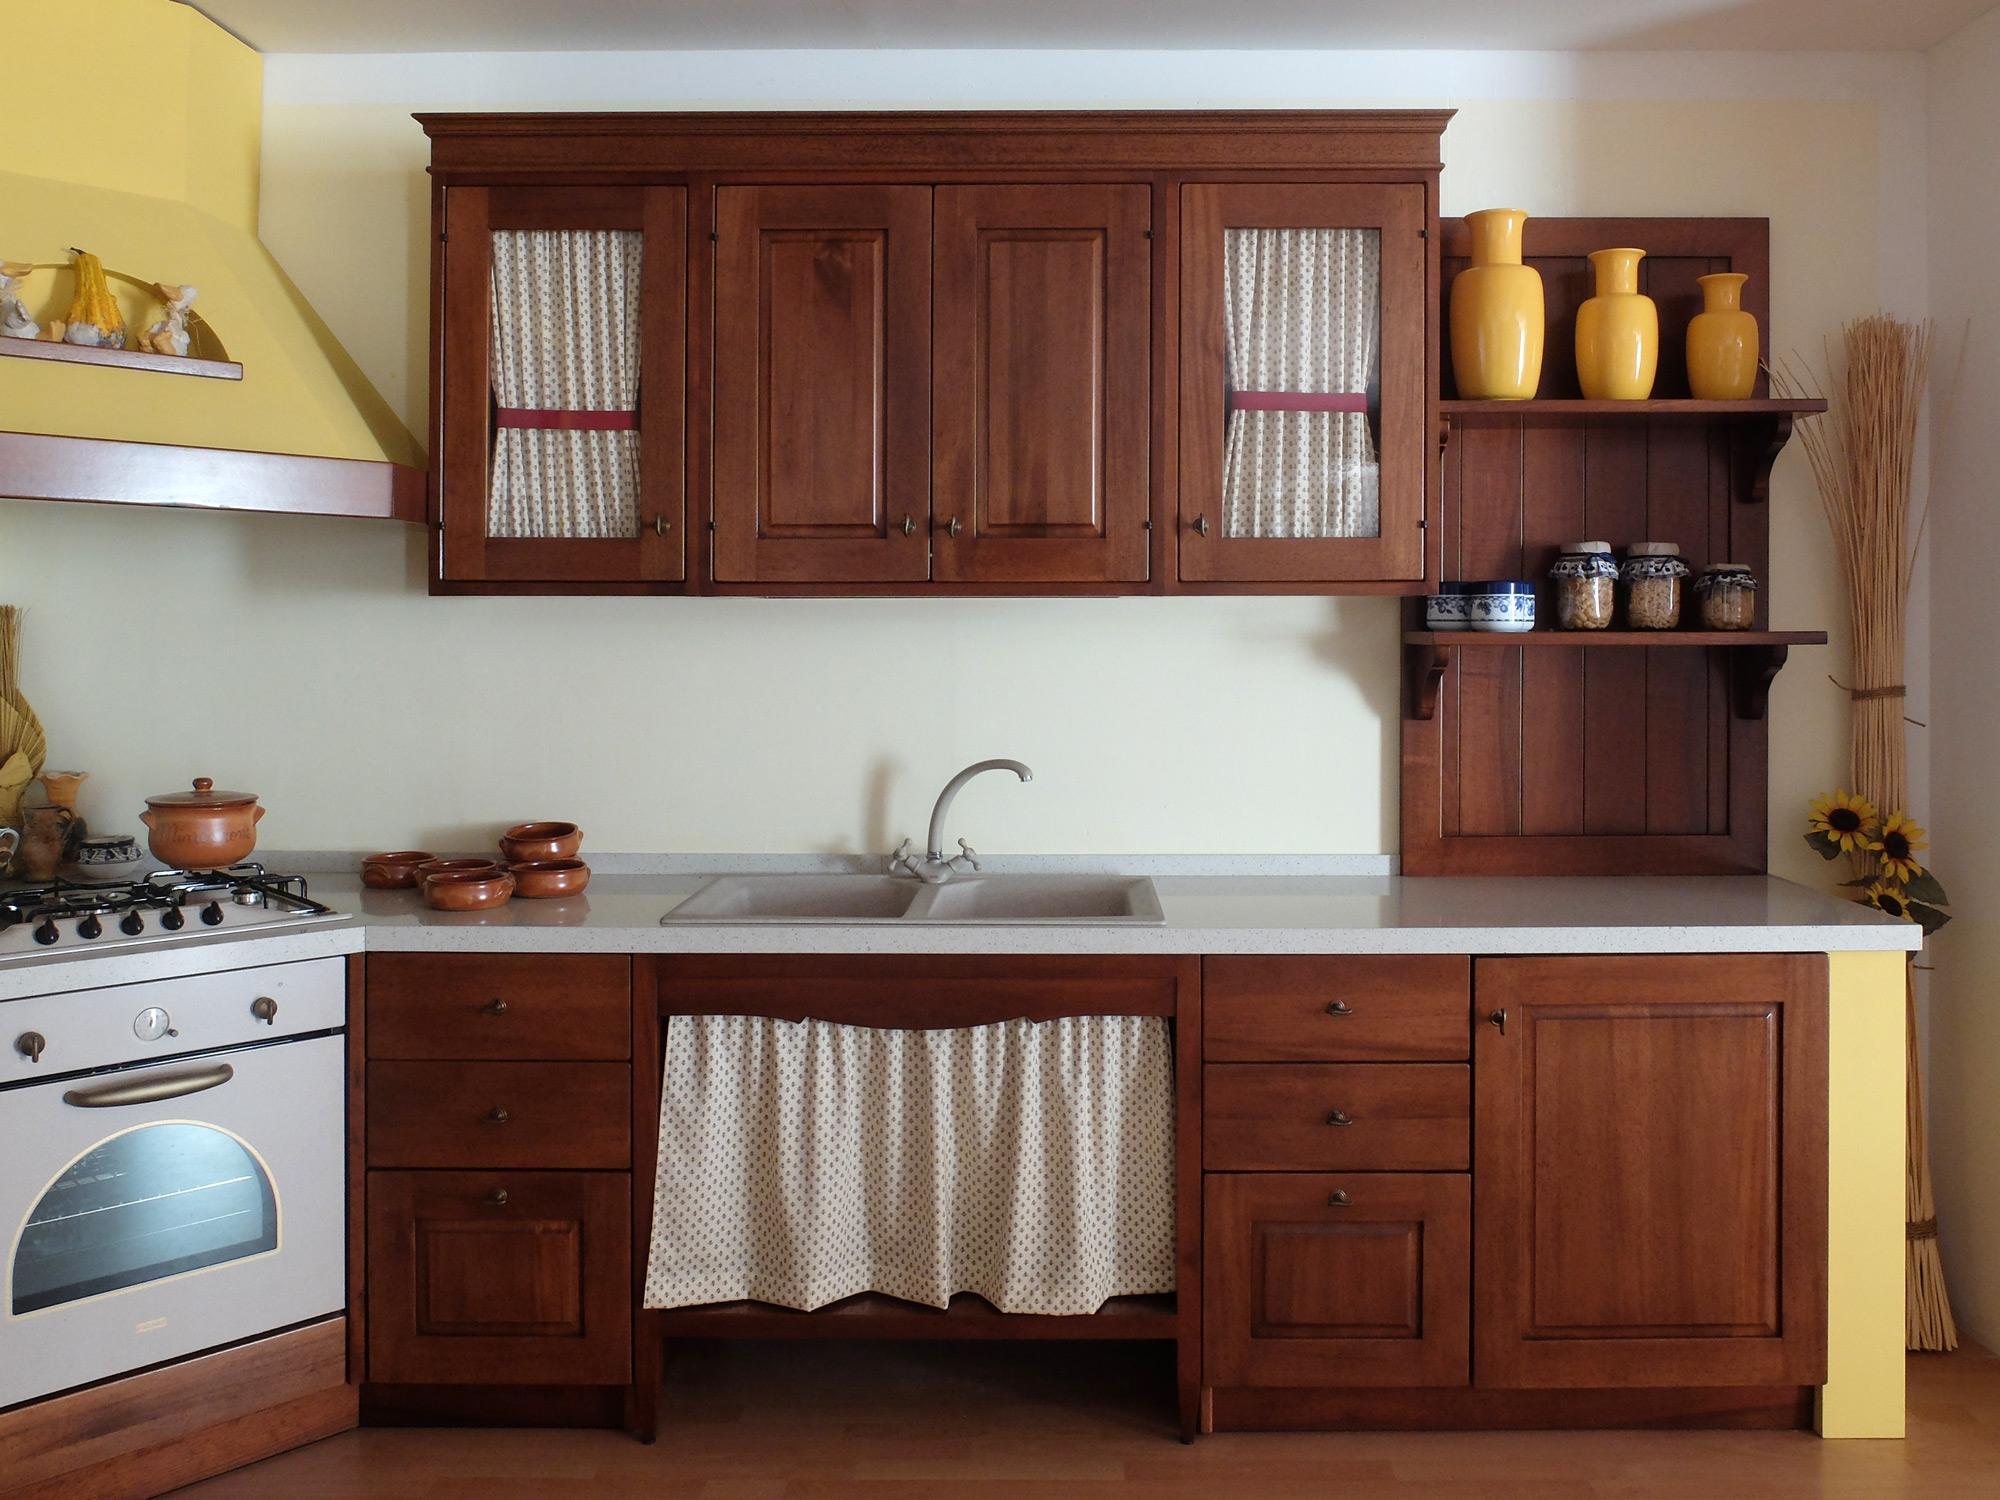 Awesome Tendine Per Cucina In Muratura Gallery - Design & Ideas ...